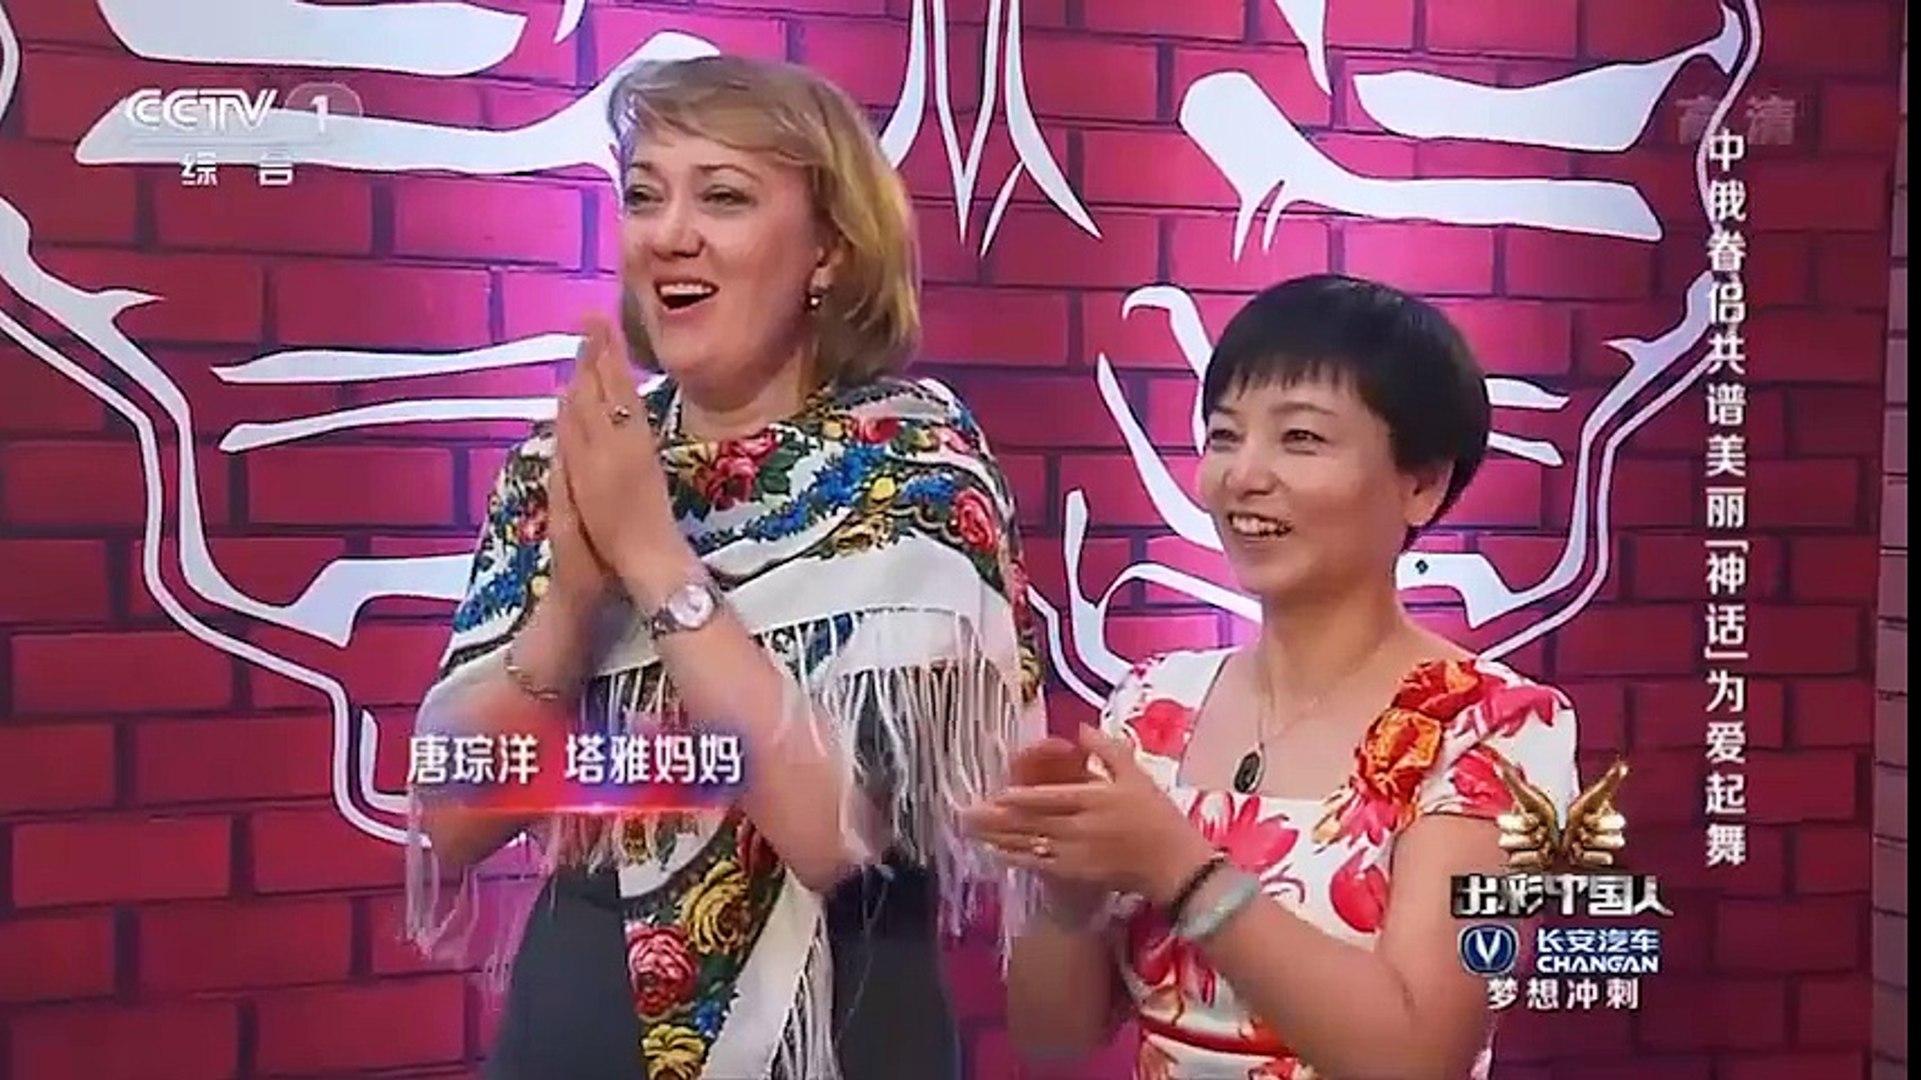 Bài thi nhảy Thần thoại khiến Phạm Băng Băng ngẩn ngơ